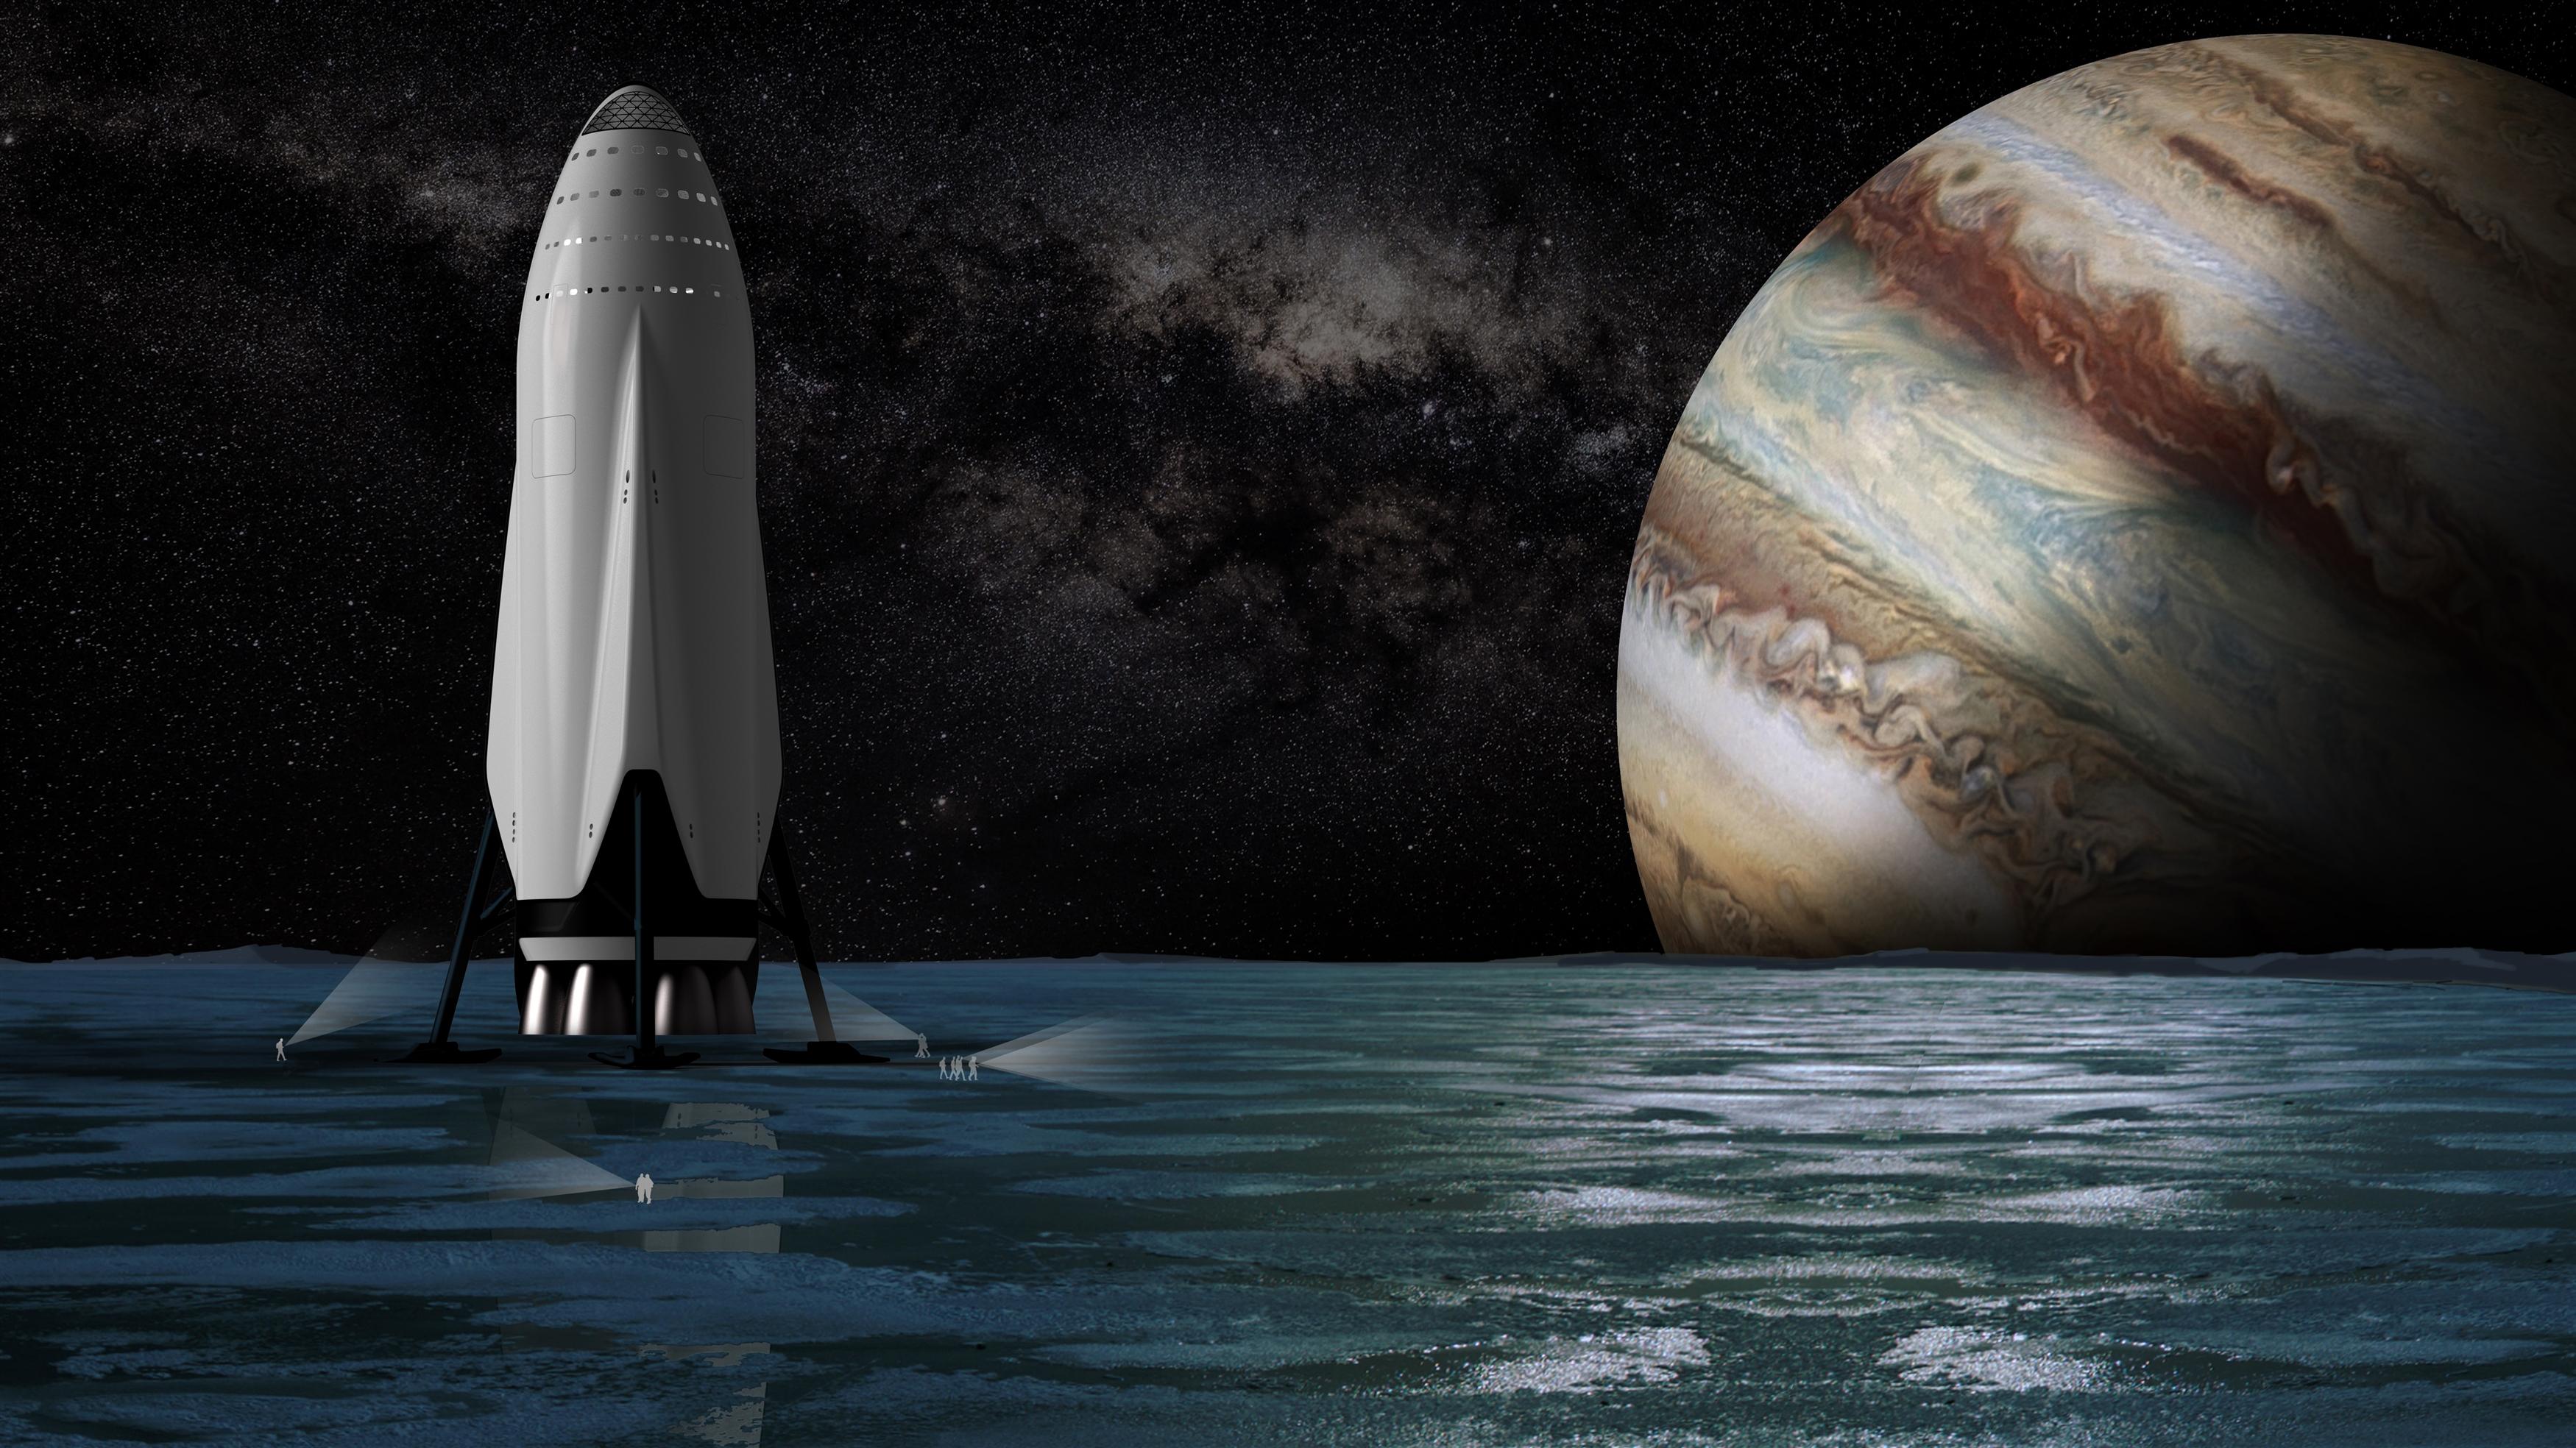 Межпланетная транспортная система spacex обои скачать